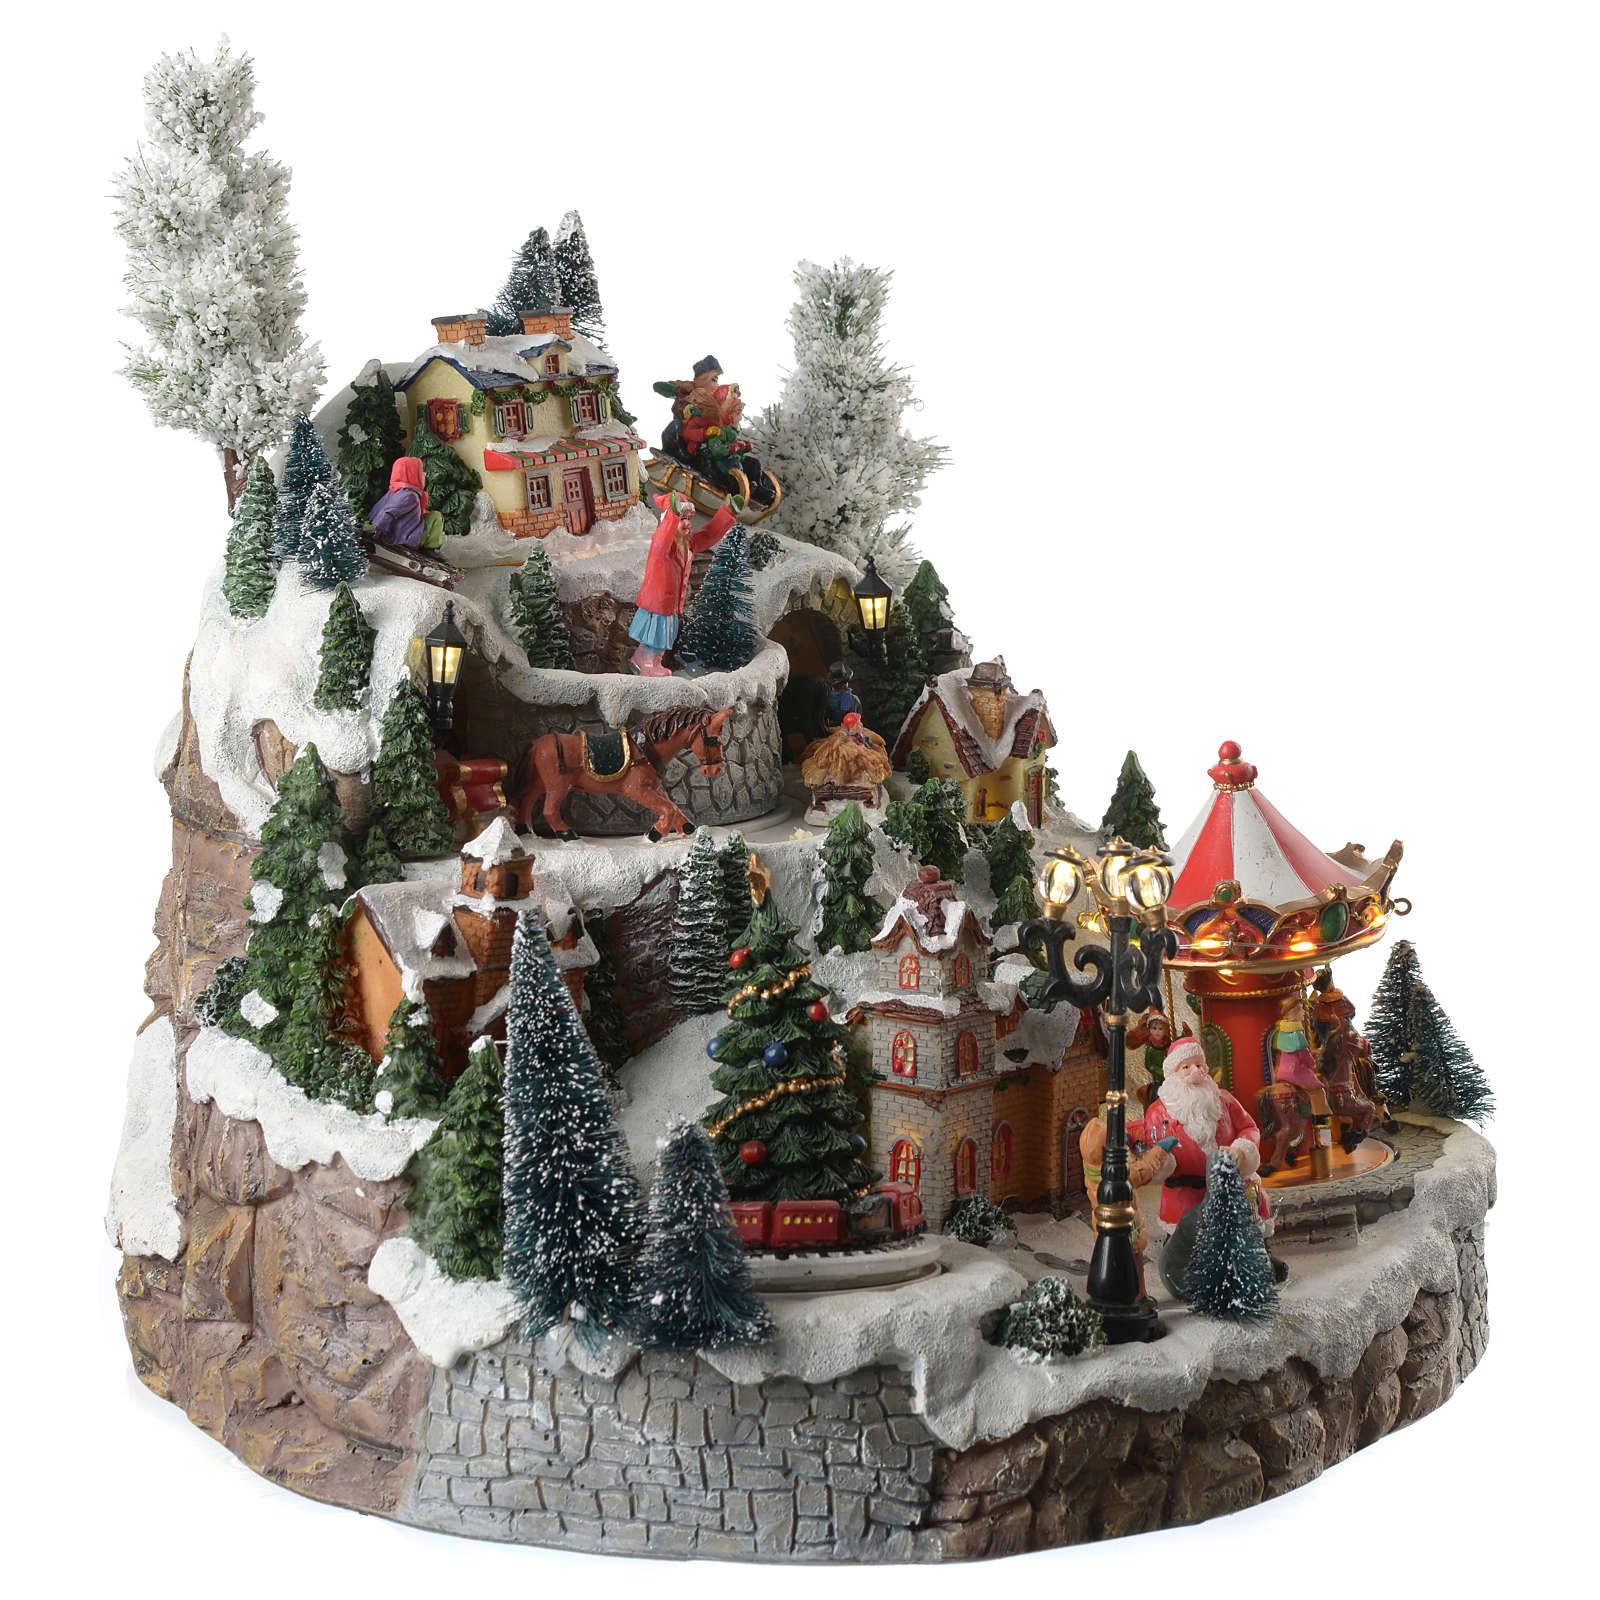 Aldea navideña montaña caballos en movimiento iluminado con música 35x35x30 3